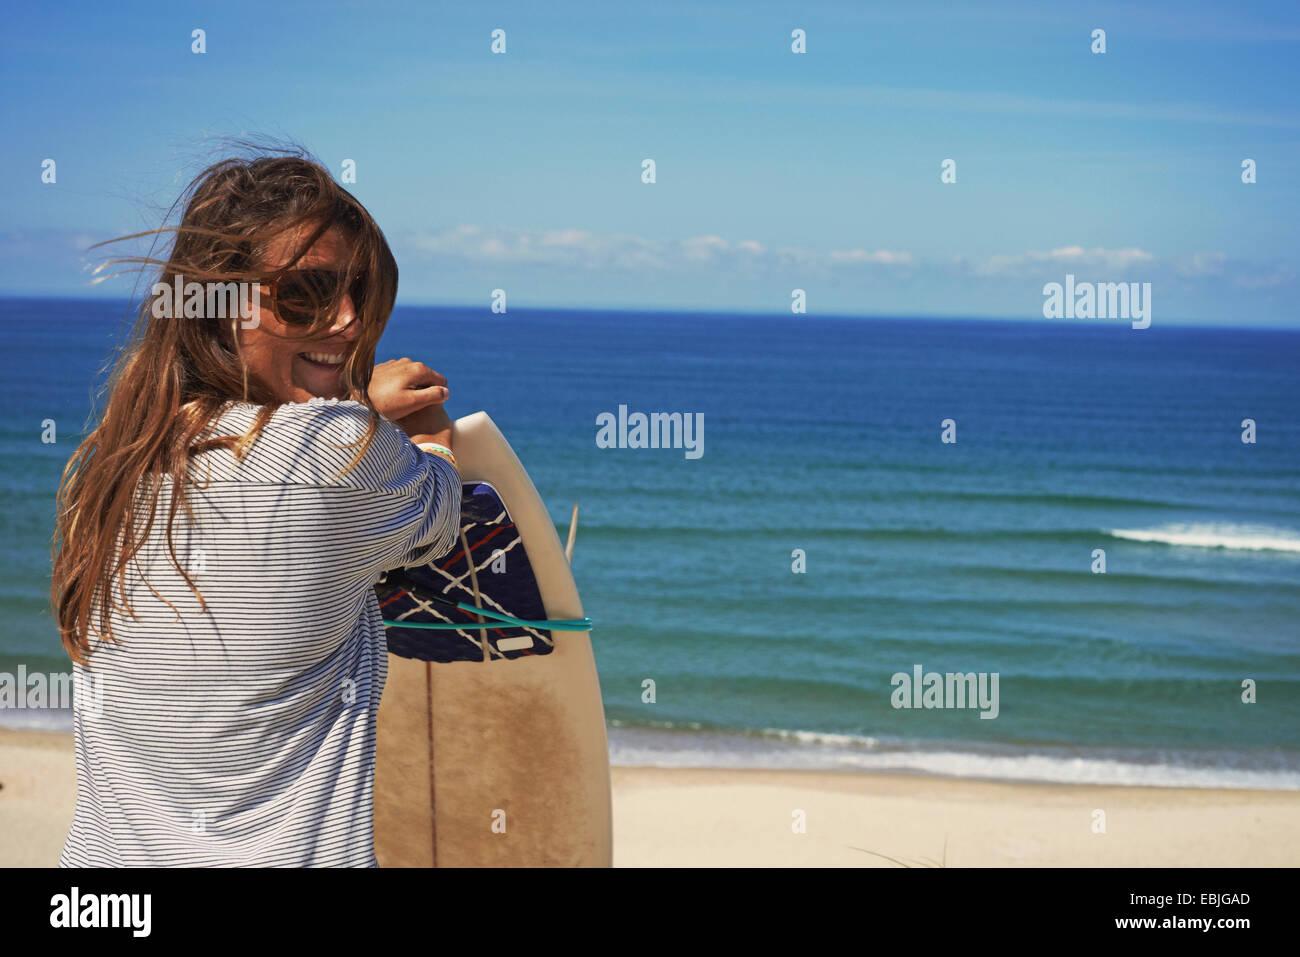 Frau mit Surfbrett am Strand, Lacanau, Frankreich Stockbild